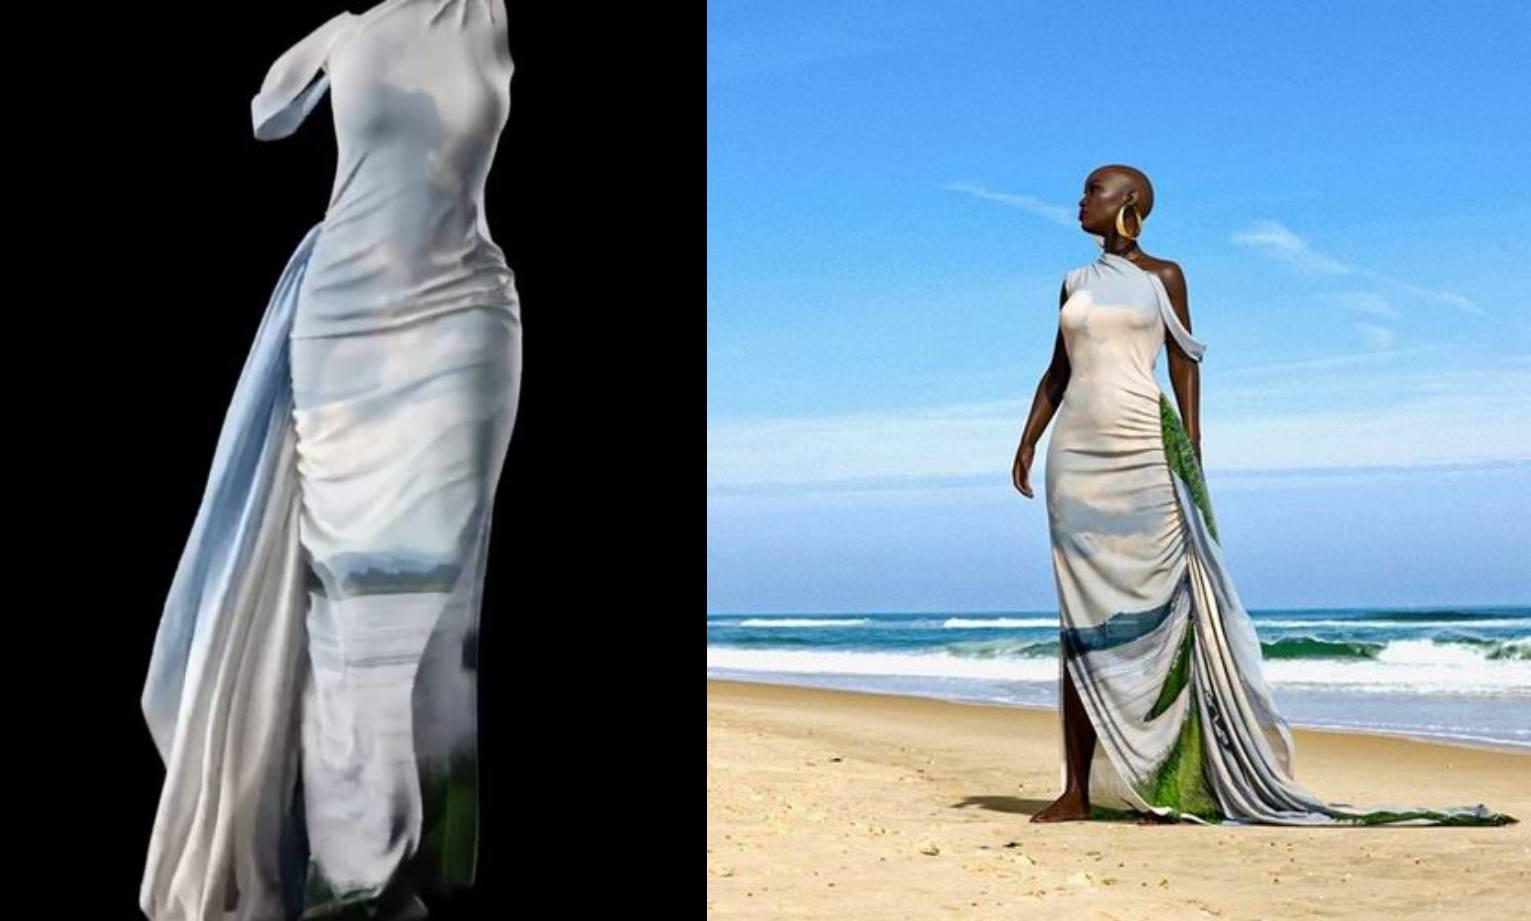 Modna dizajnerica predstavila kolekciju na 3D manekenkama